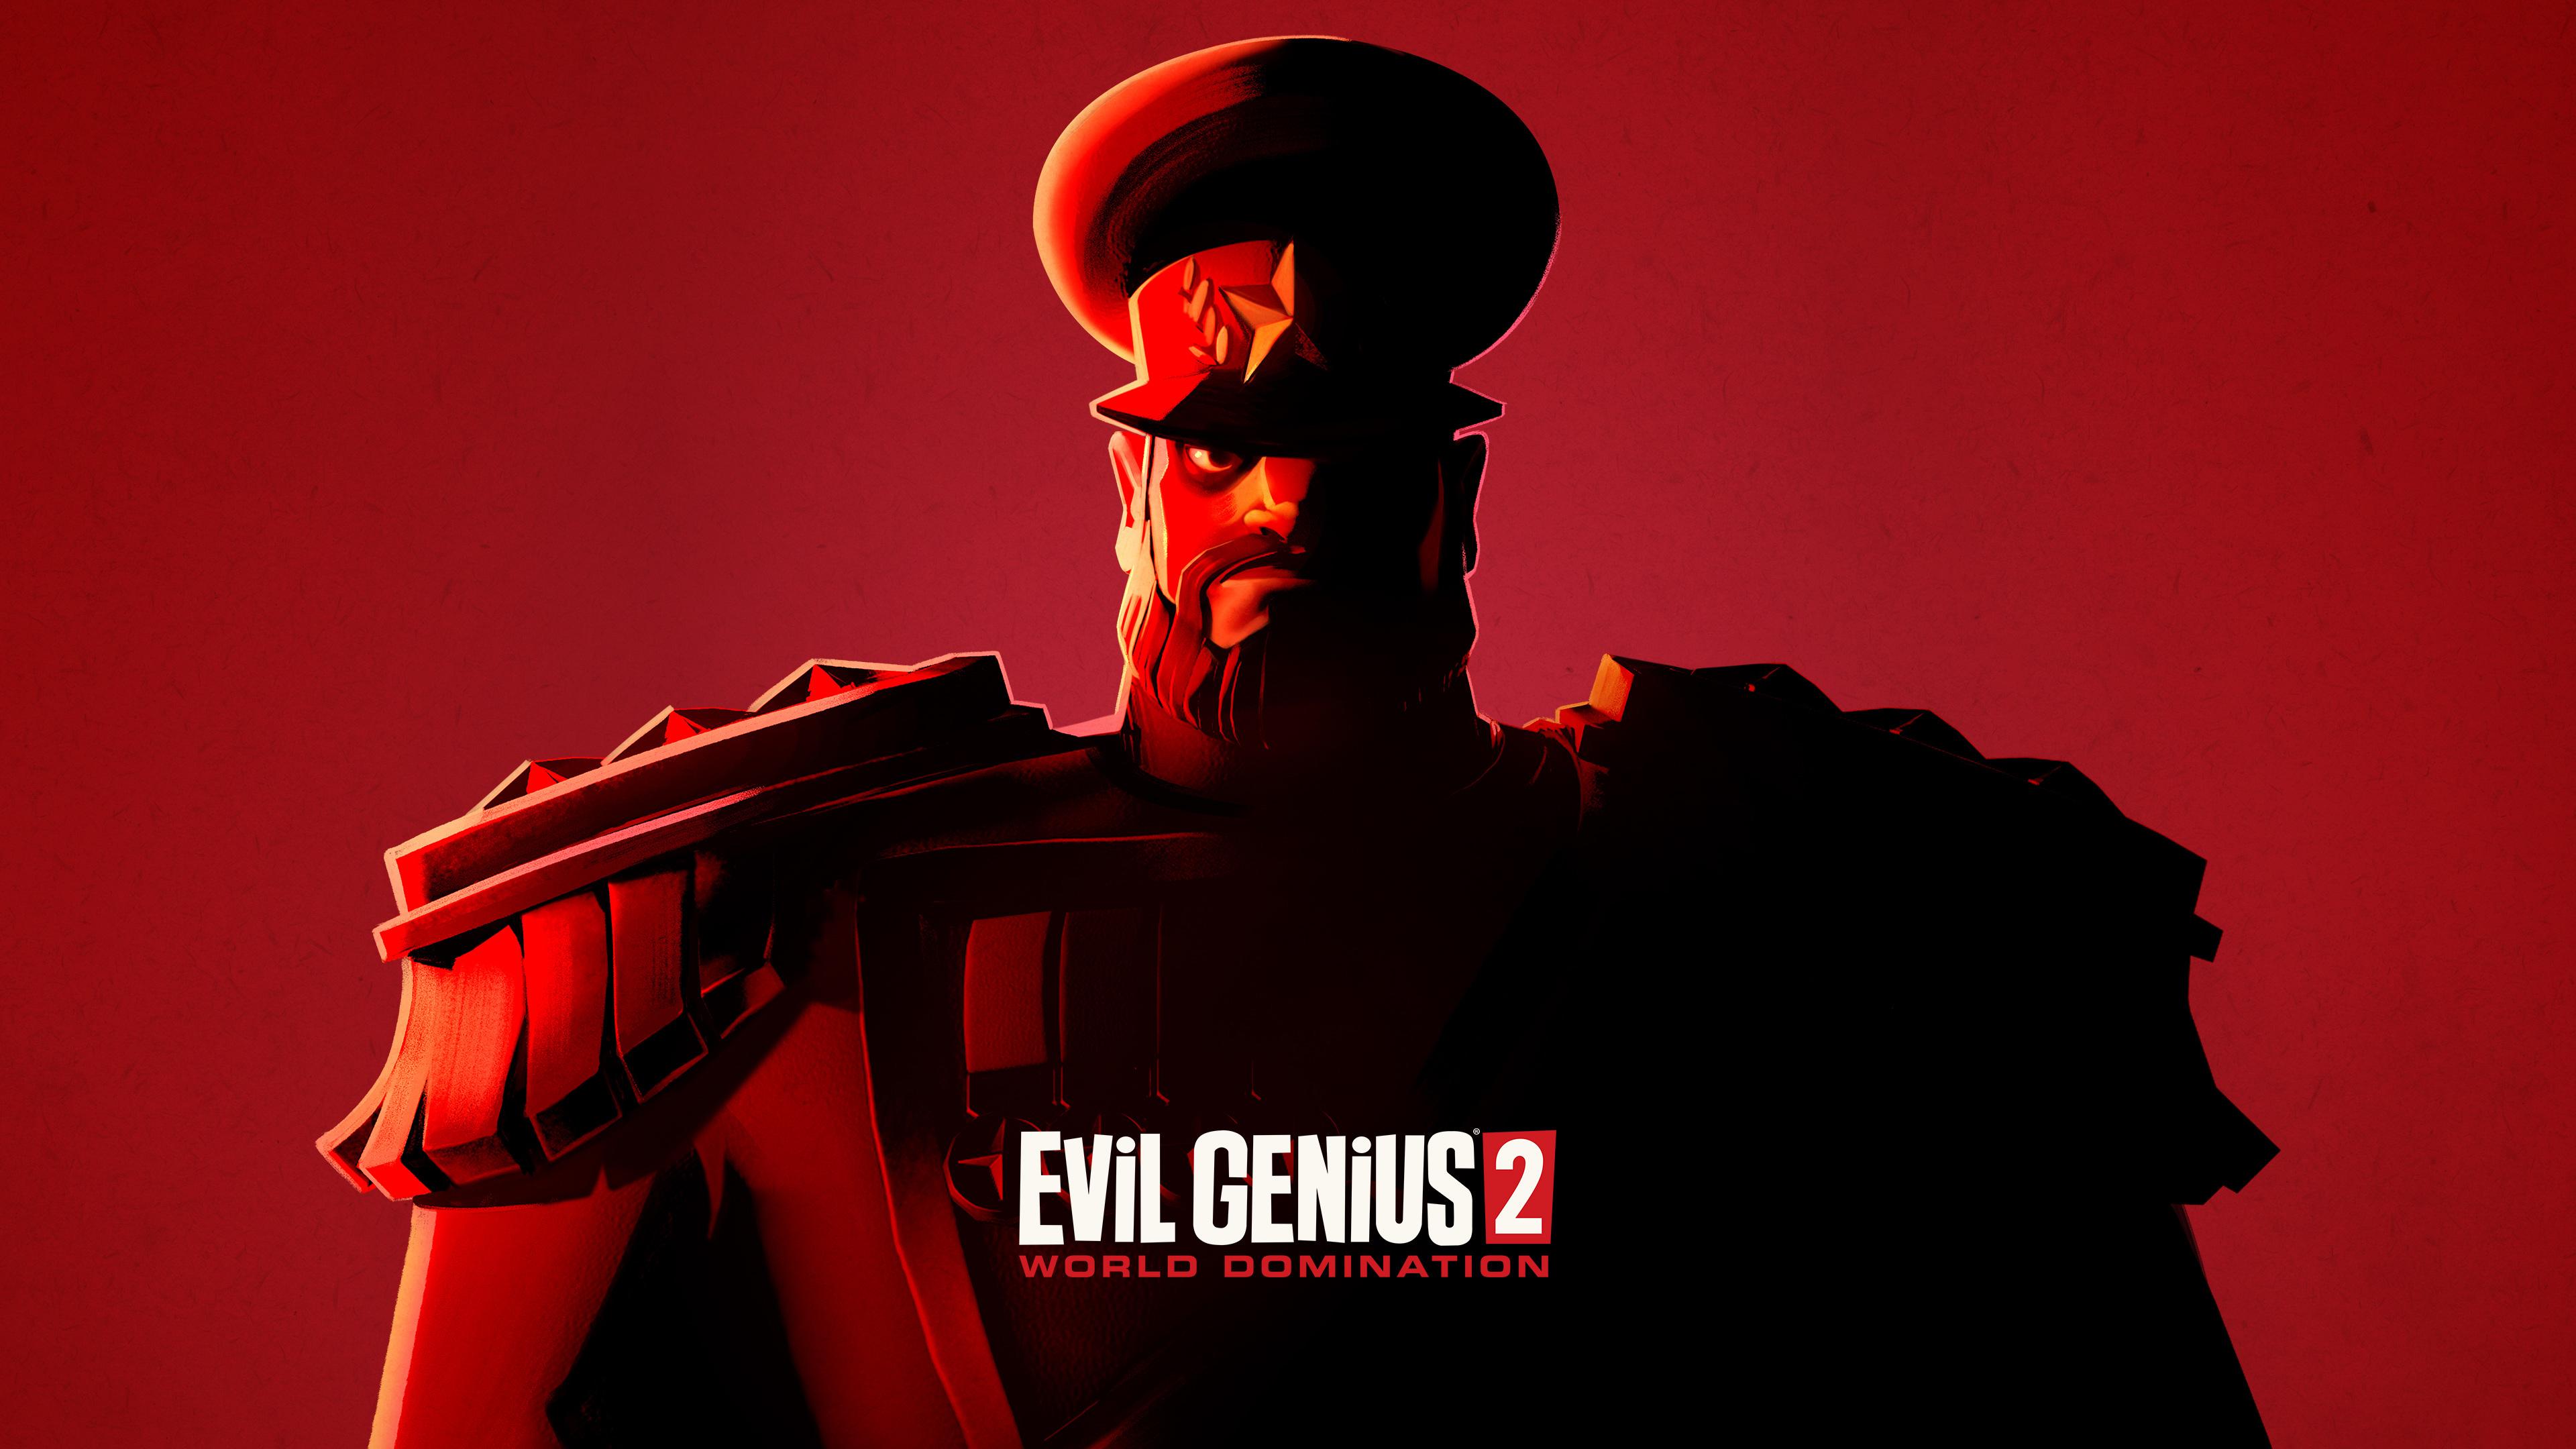 evil 2 genius world domination 1562106671 - Evil 2 Genius World Domination - hd-wallpapers, games wallpapers, evil genius 2 wallpapers, 4k-wallpapers, 2020 games wallpapers